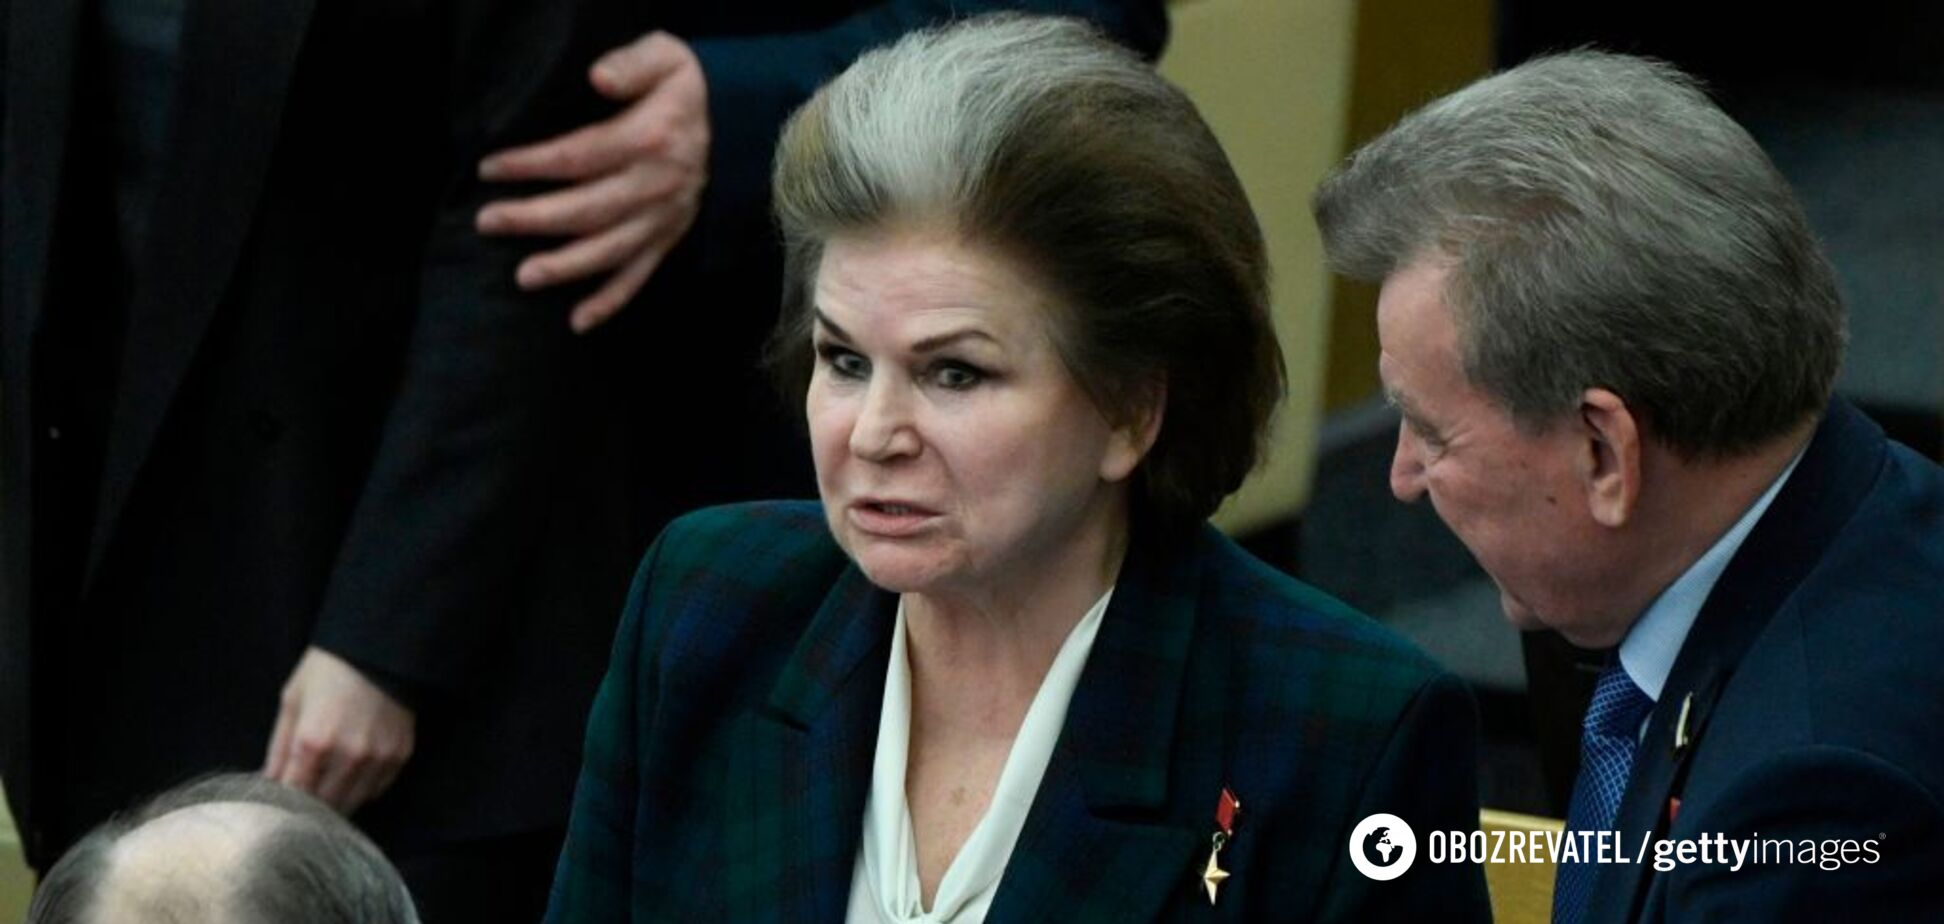 У дочери депутата Госдумы РФ нашли недвижимость в Италии: ее мать инициировала 'обнуление' сроков Путина. Видео